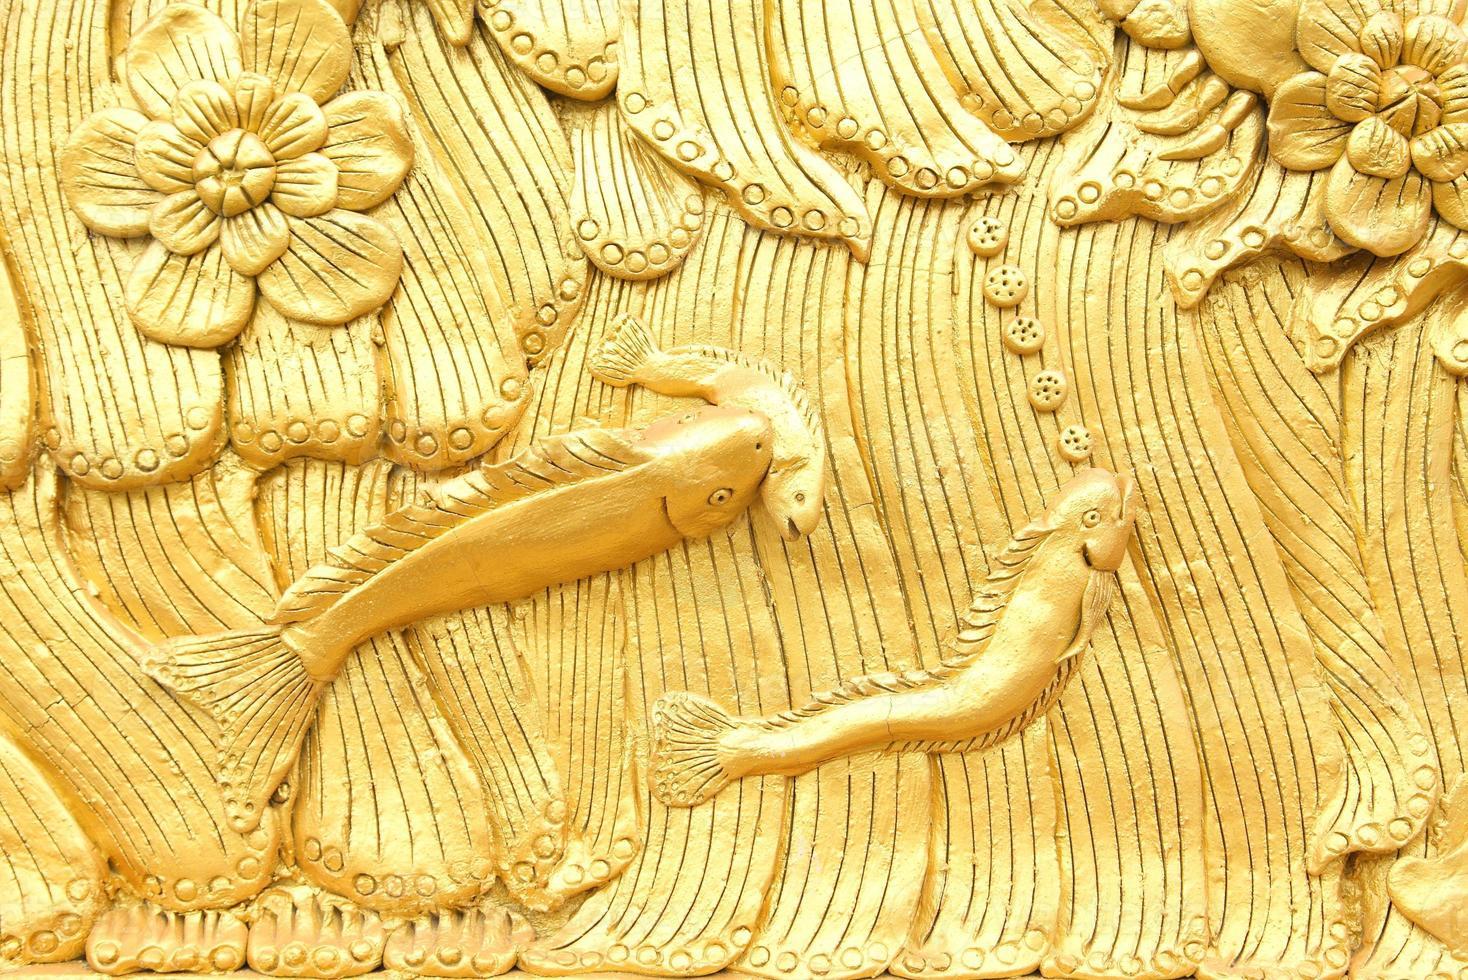 traditionelles Muster im thailändischen Stil, dekorativ im Tempel, Thailand. foto